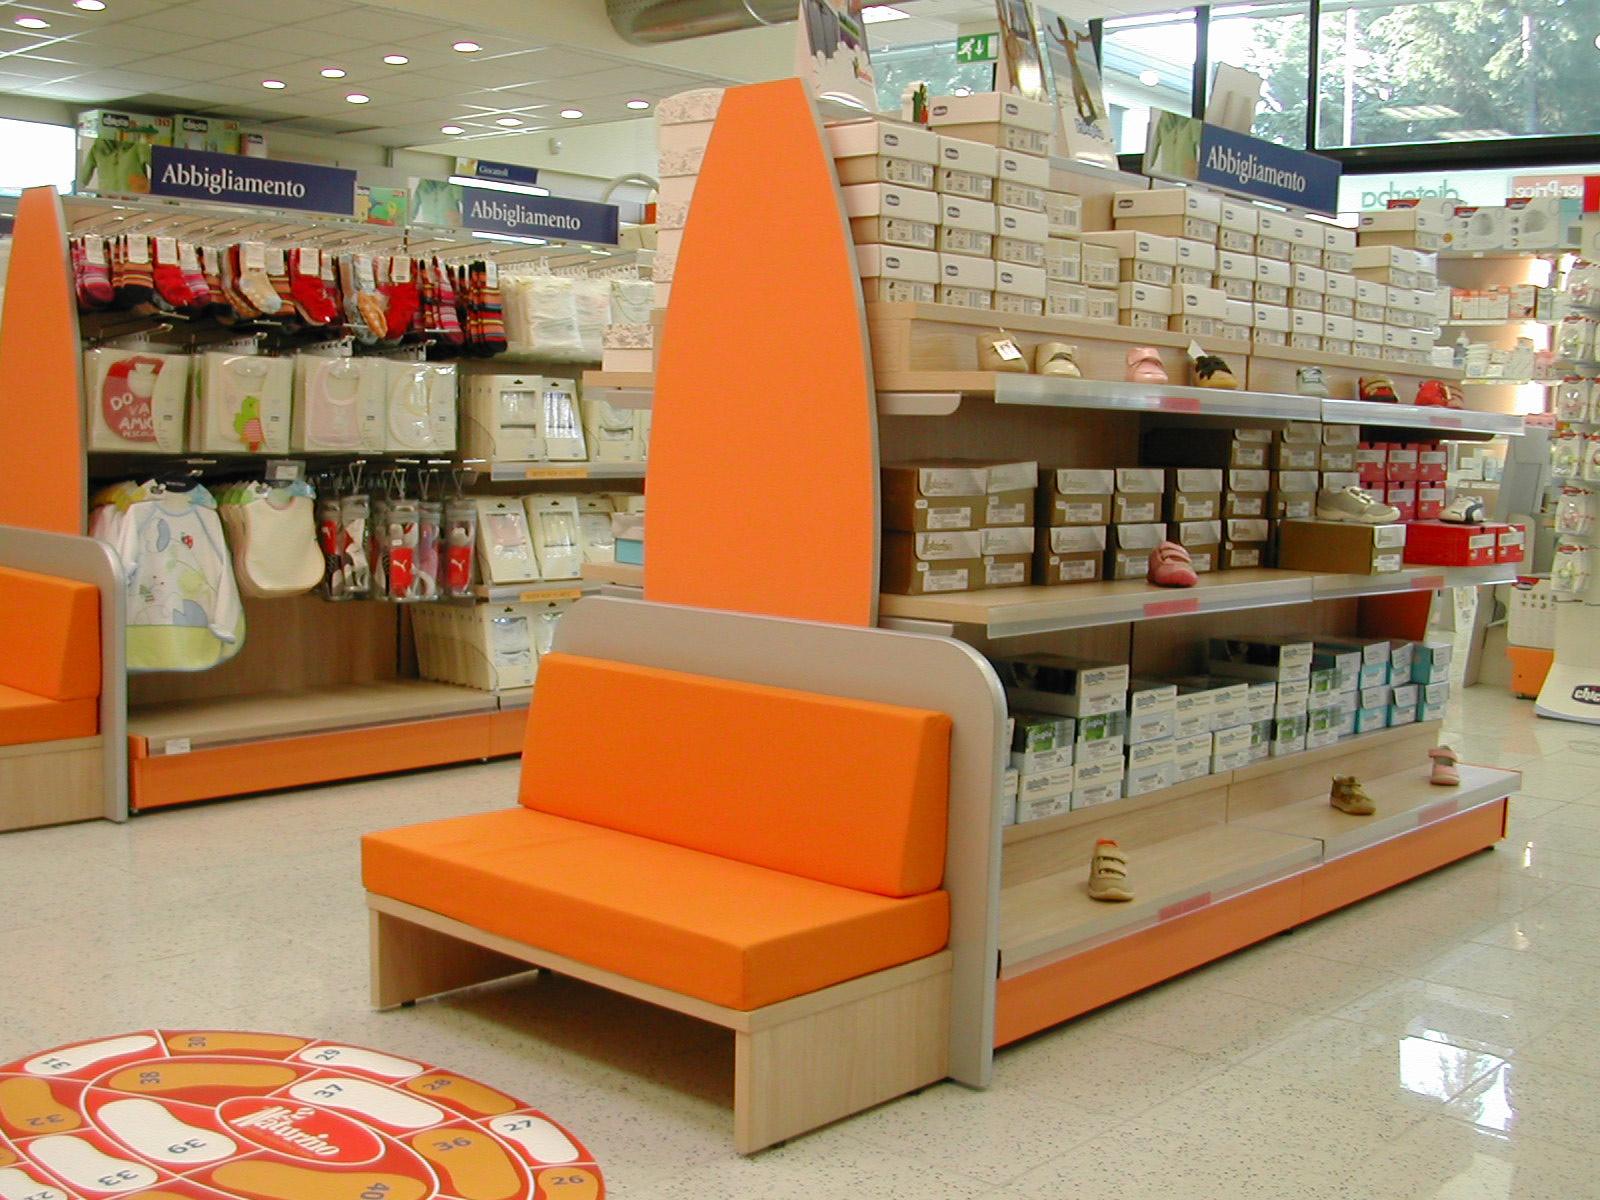 arredamento negozio abbigliamento per bambini: bassetto bimbi ... - Arredamento Negozi Abbigliamento Toscana